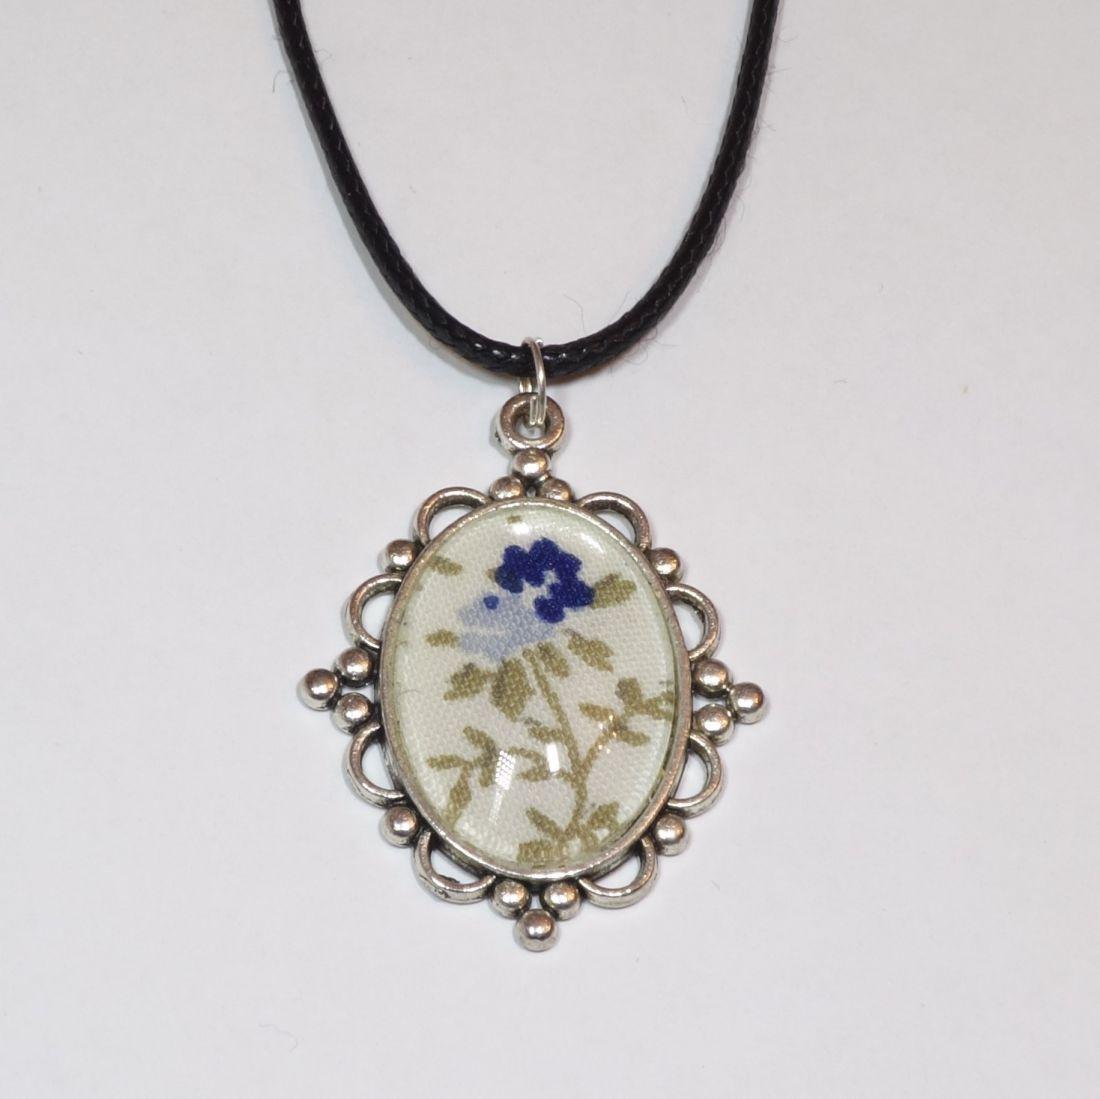 Üveglencsés nyaklánc antik ezüst keretbe foglalt textil díszítéssel